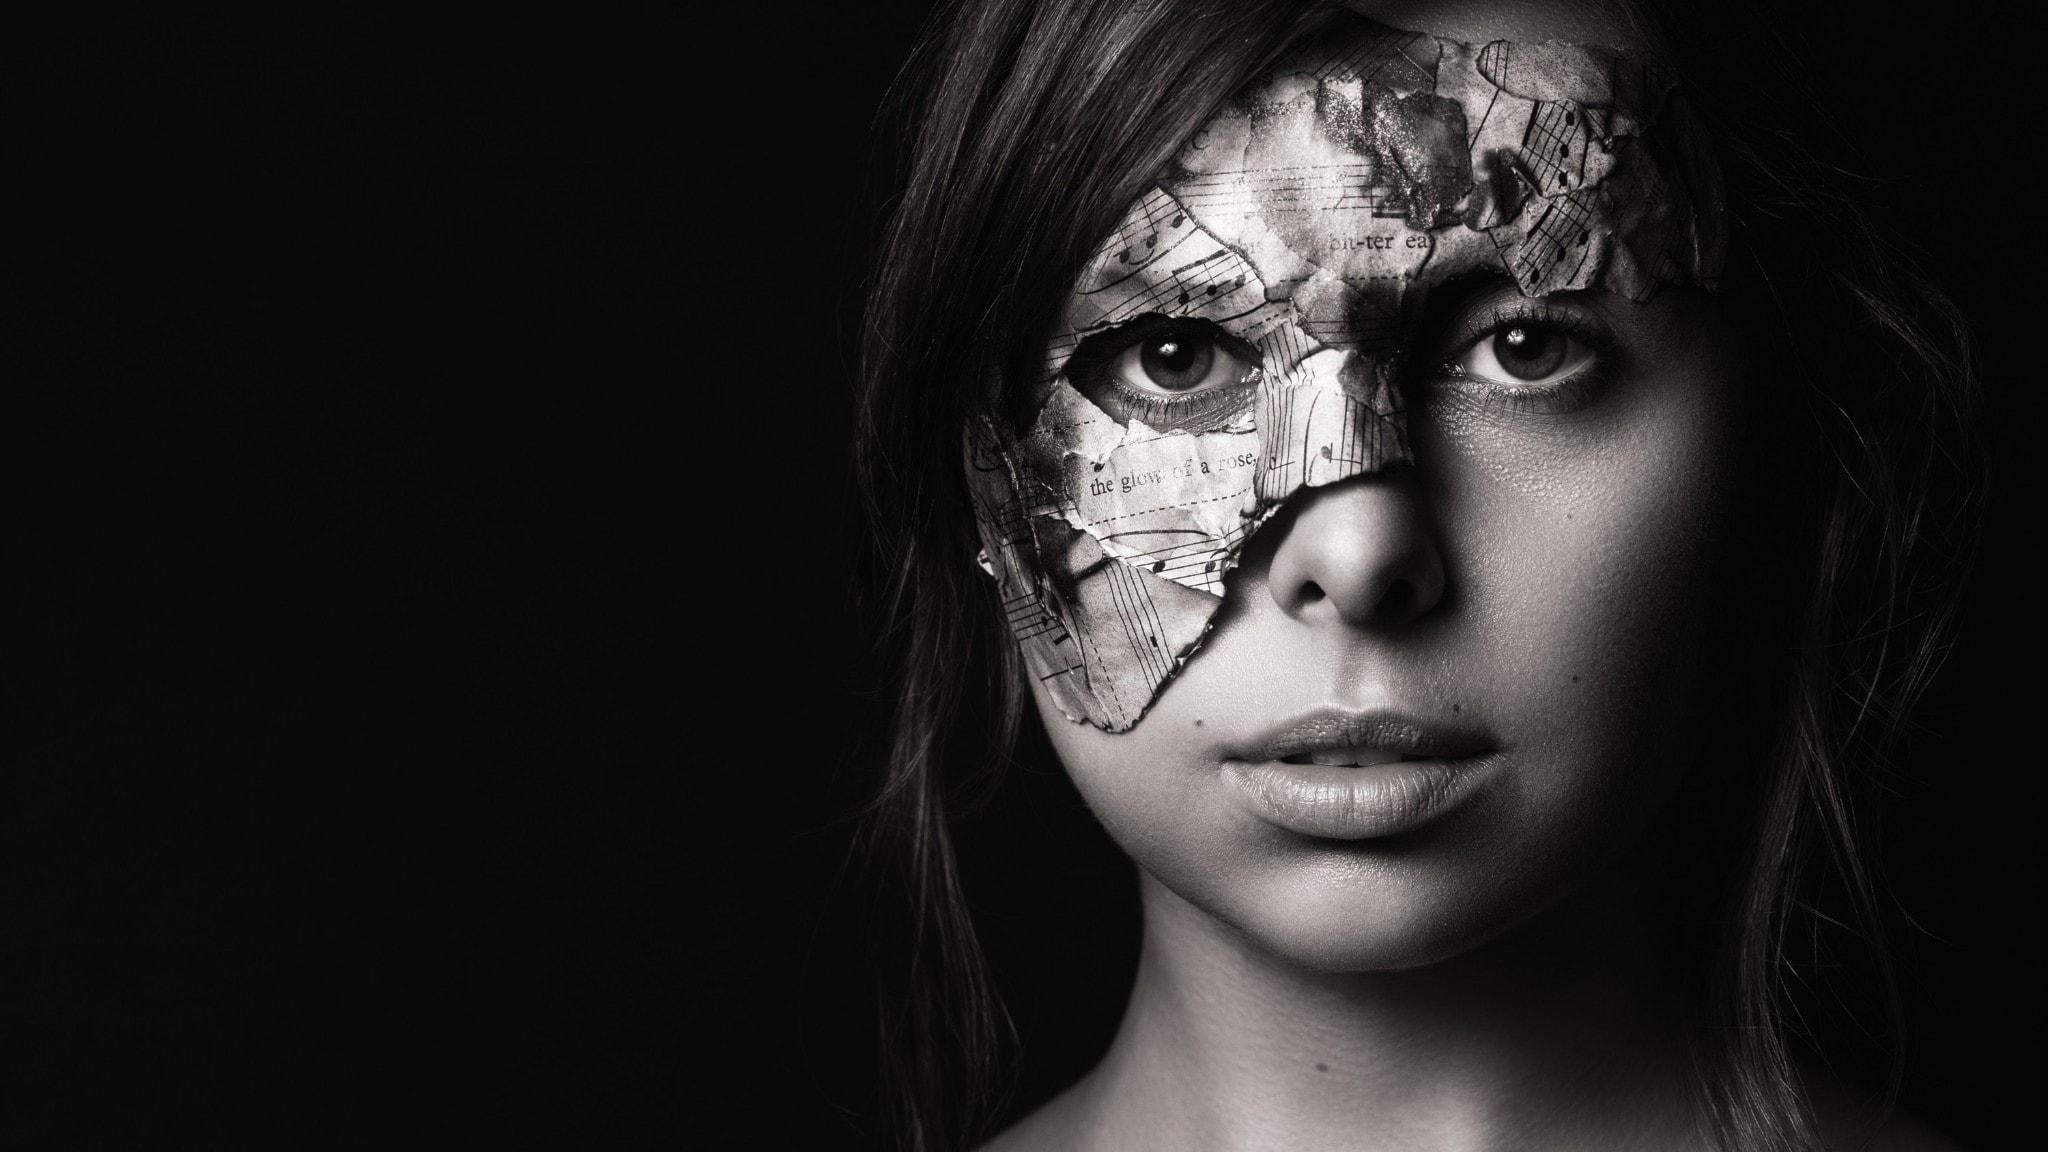 Amerikanska sångerskan Veronica Swift på en svartvit bild. Hon har en glänsande mask på ena halvan av ansiktet. Foto: Matt Baker.